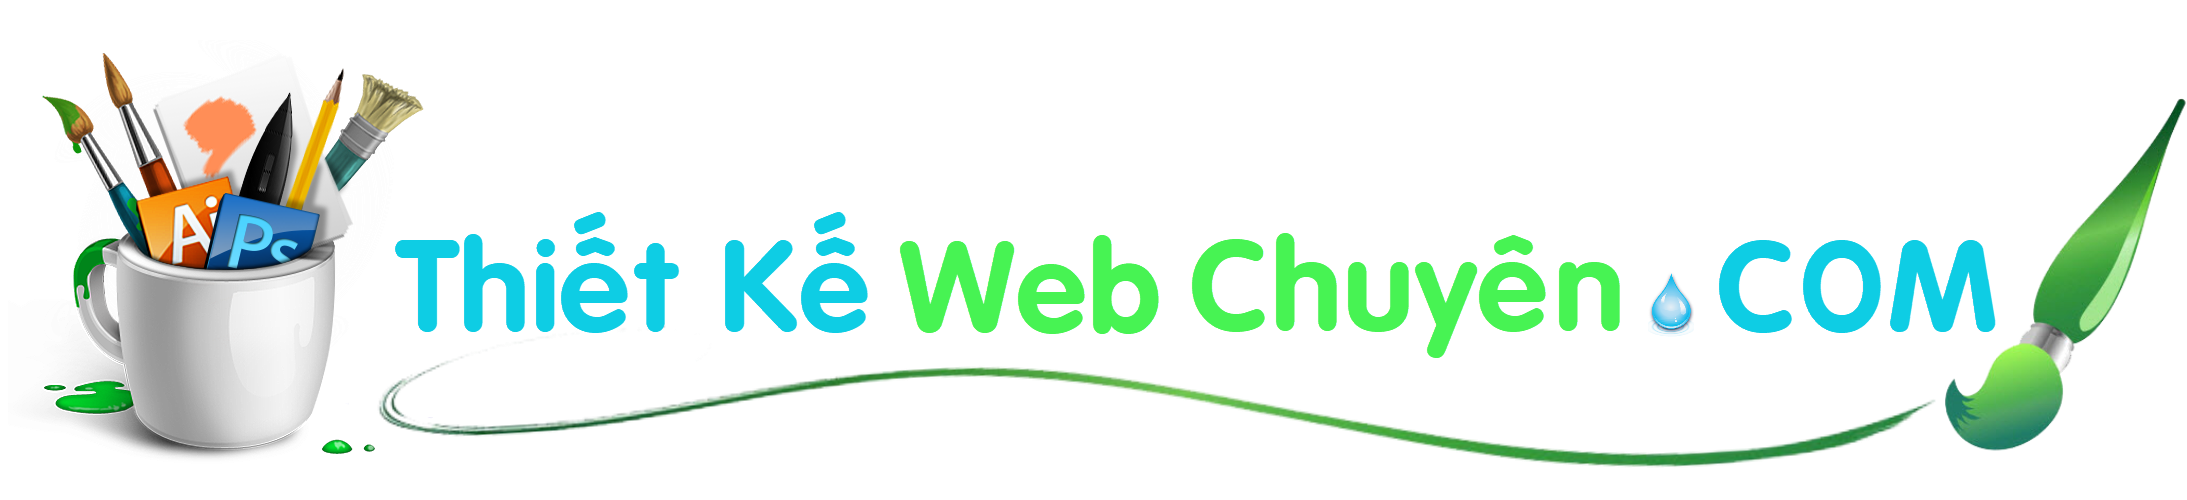 Thiết kế web theo yêu cầu trọn gói 1,800,000 đ, hosting giá rẻ 290k/năm